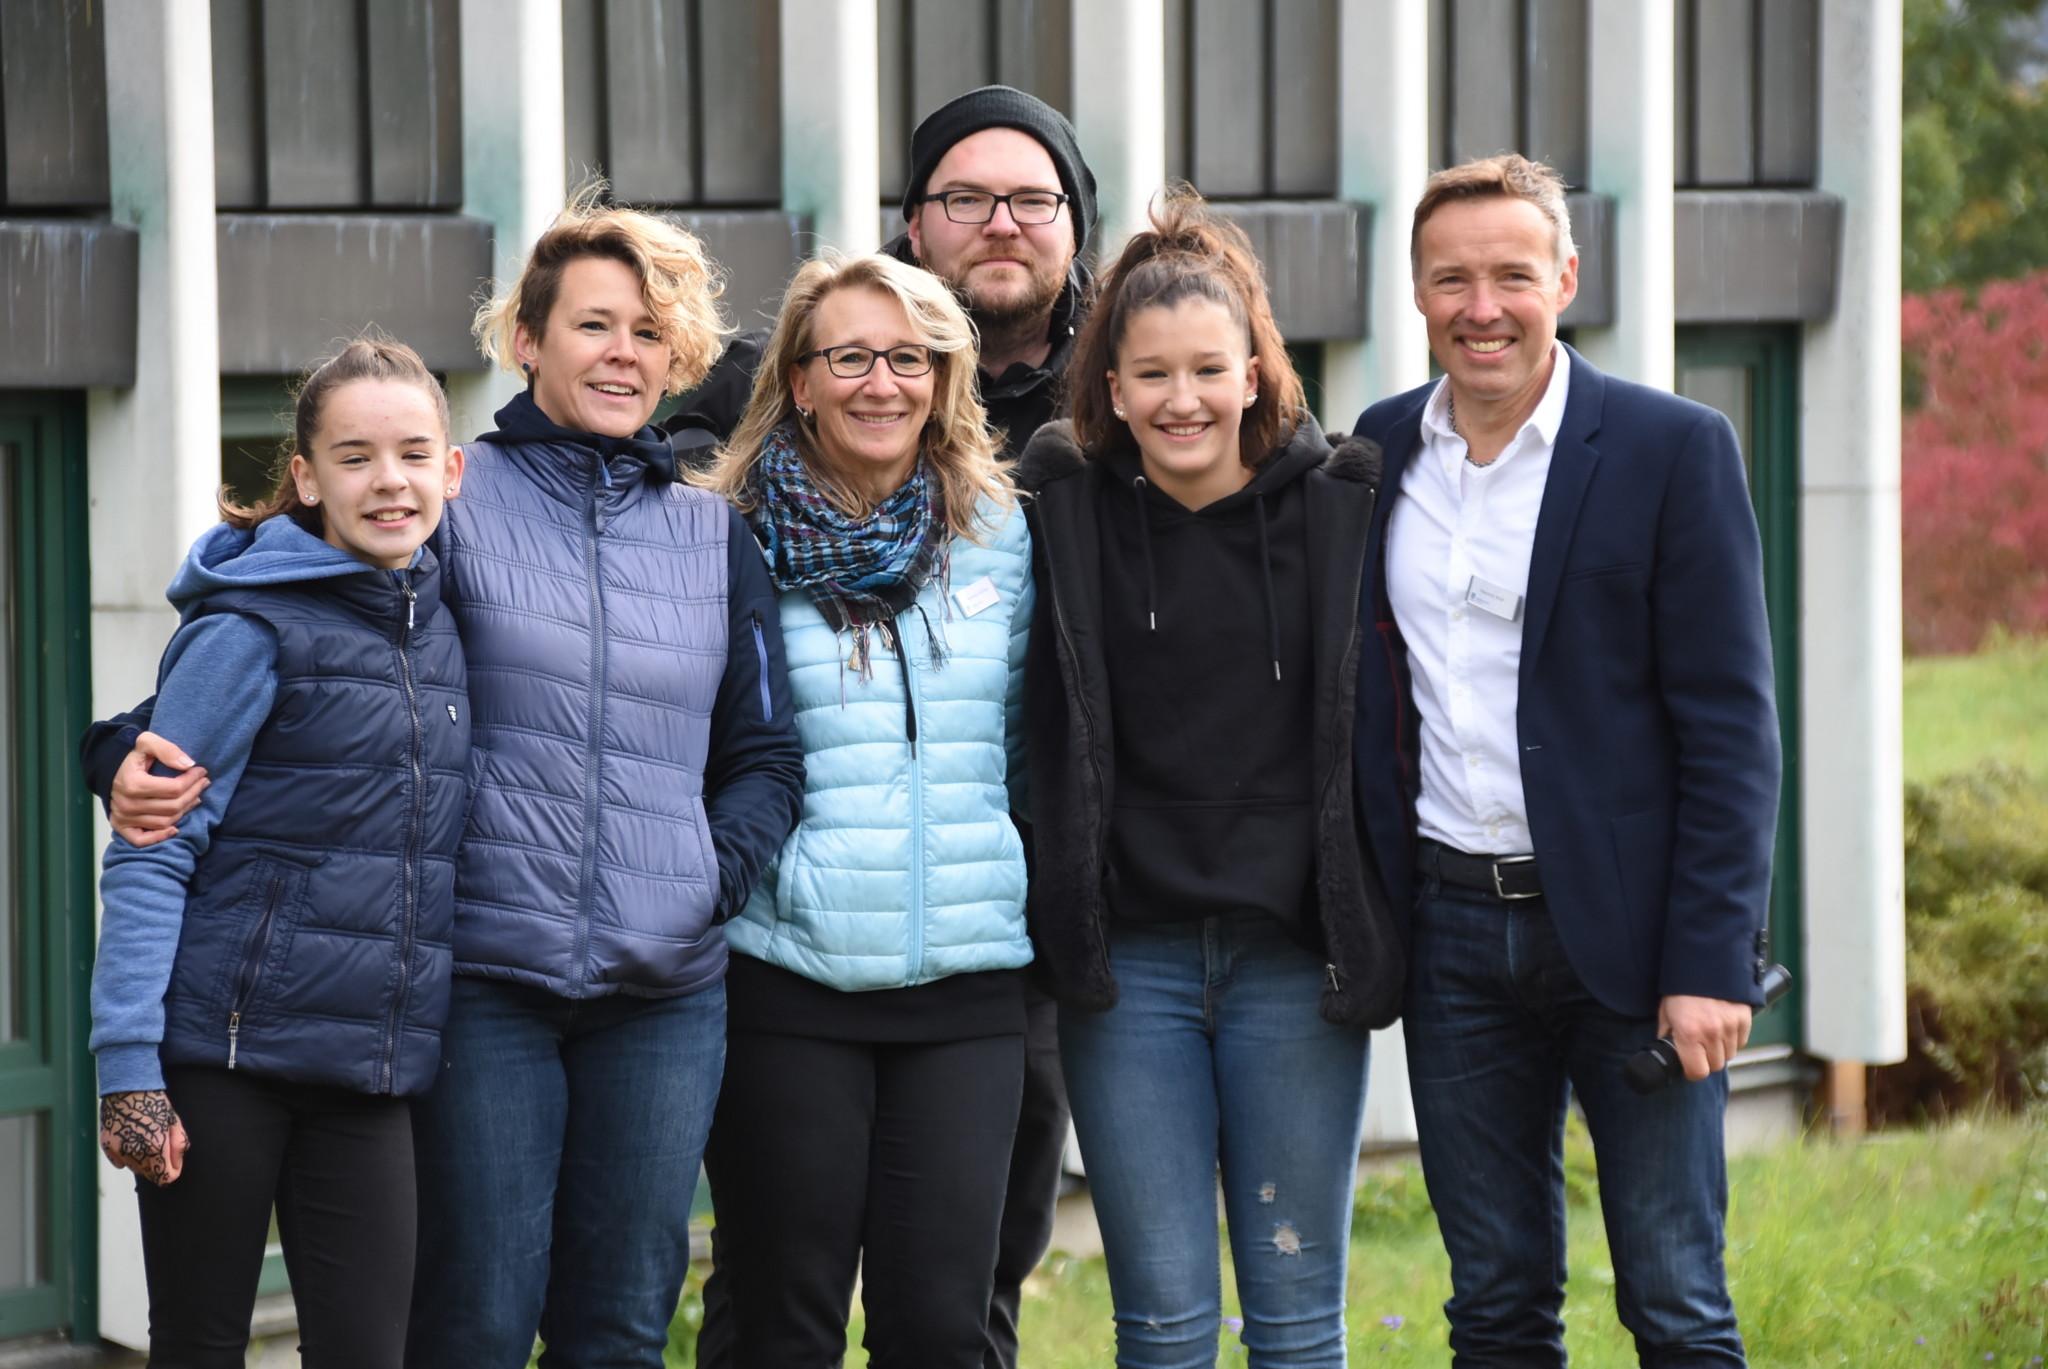 Von ihnen stammt die Idee zum Ehrenamtssong: Simone Feulner (zweite von links), Andrea Kießling (Mitte) und Heiner Wolf (rechts) gemeinsam mit dem Produzenten des Videos Christian Weber